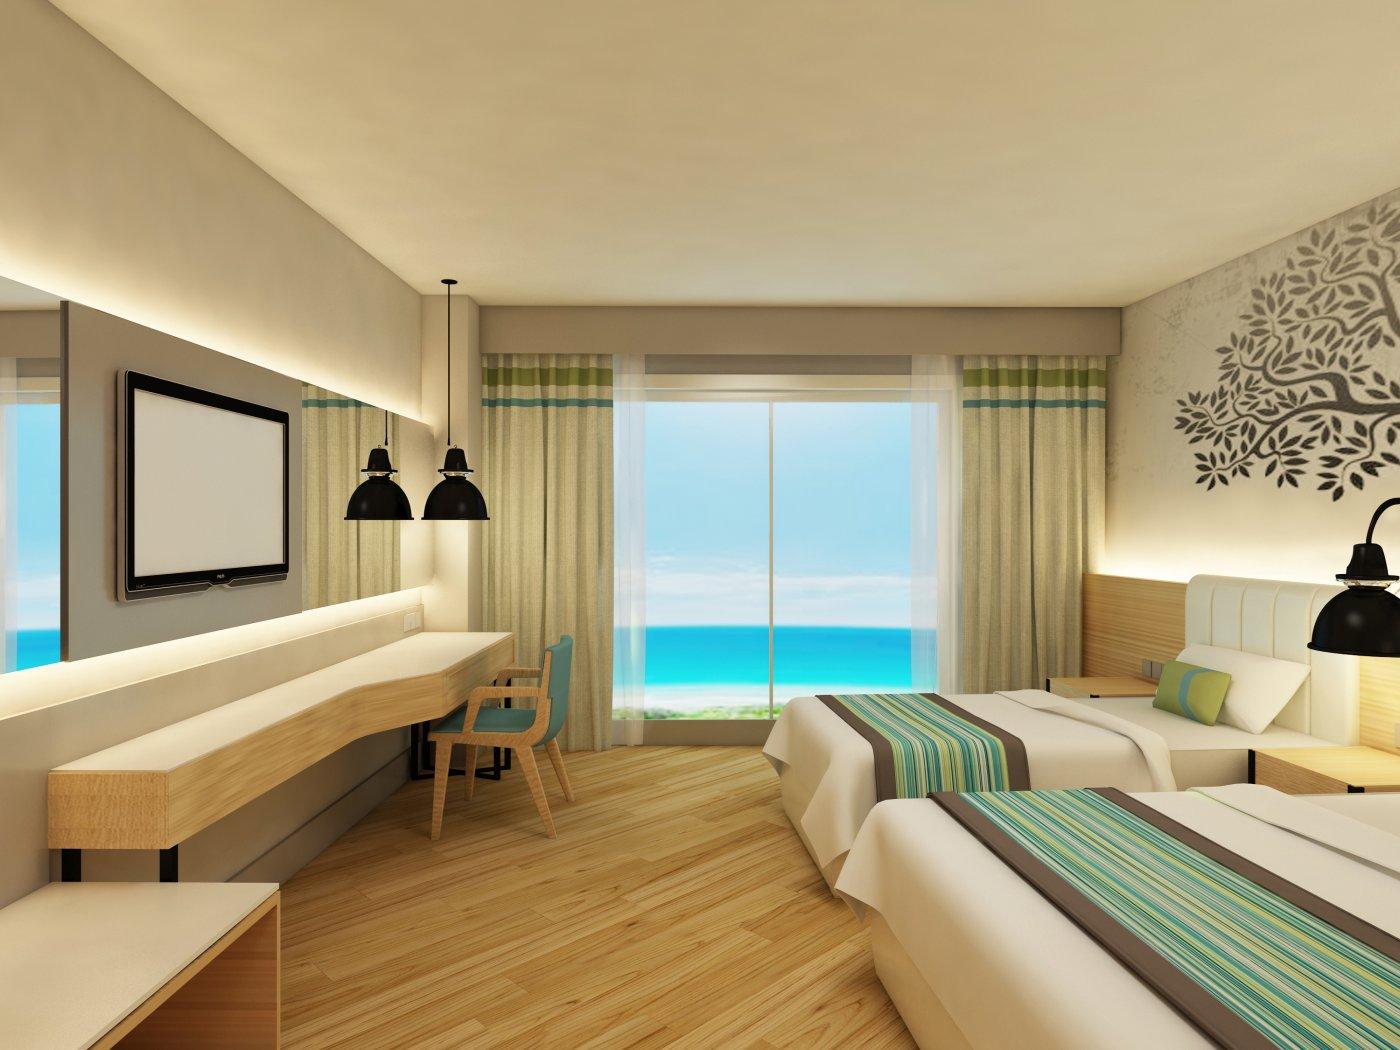 Фото отеля Calido Maris Hotel 5* (Калидо Марис Отель 5*)